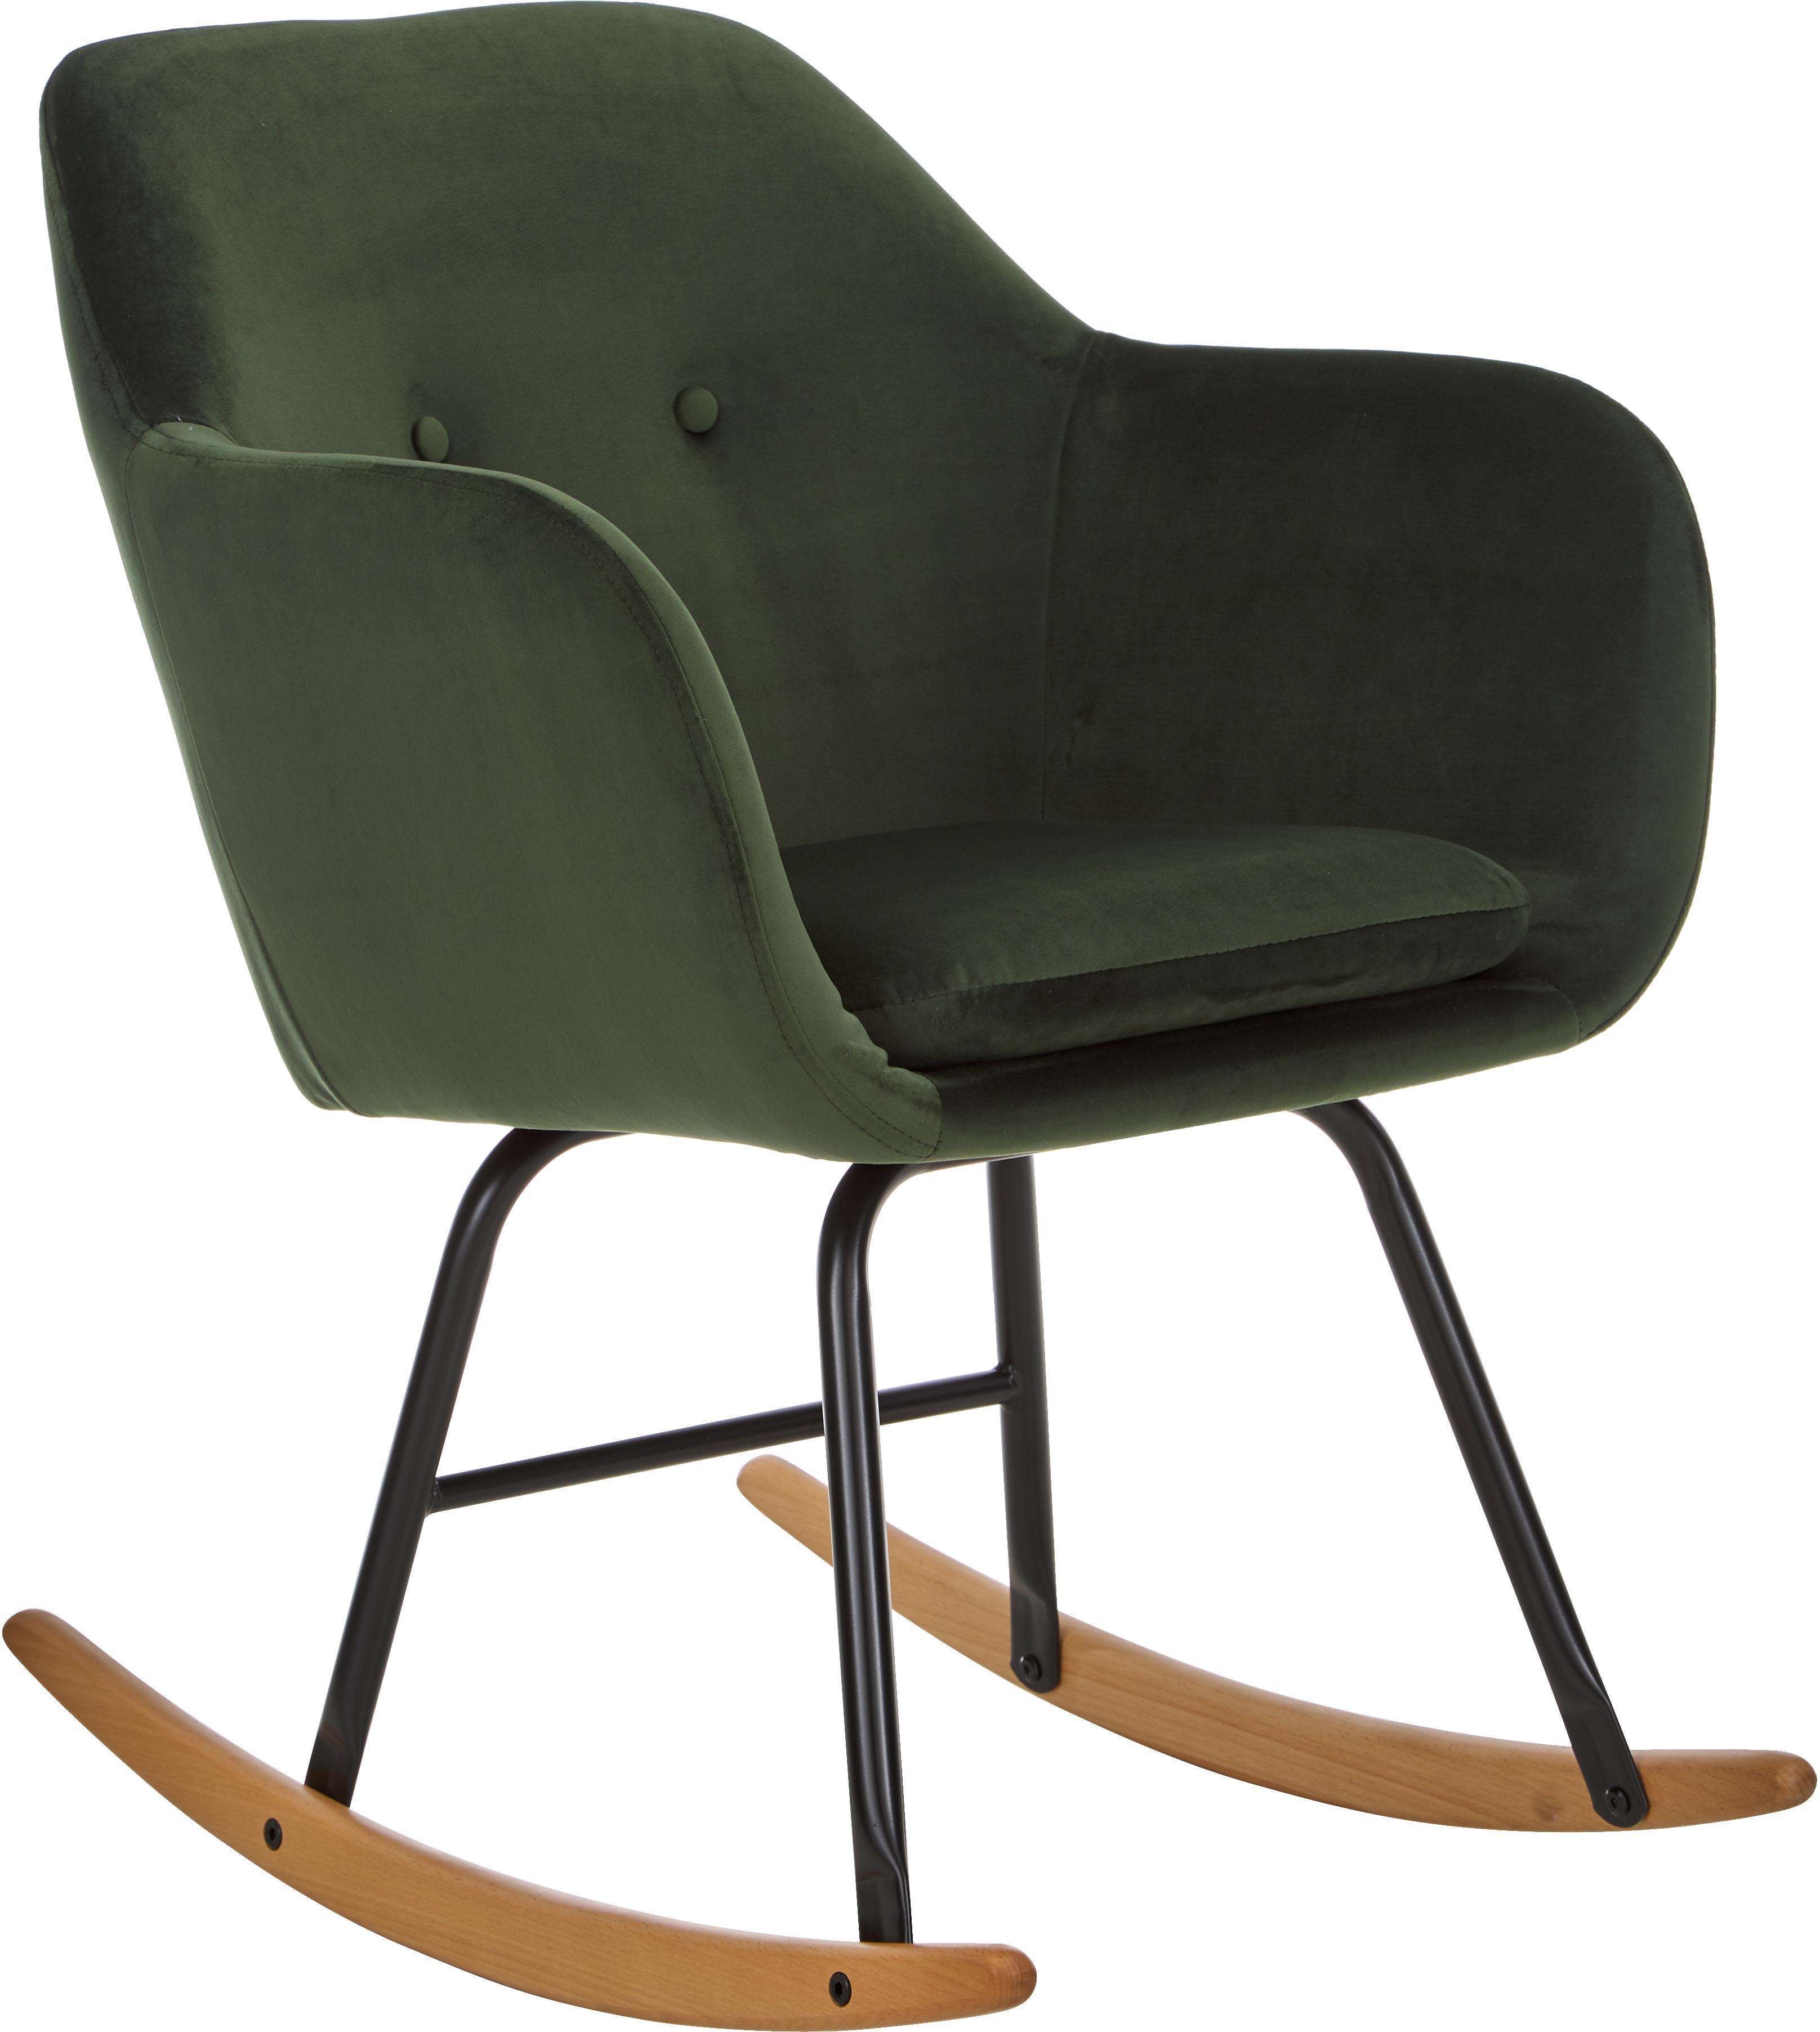 Fluwelen schommelstoel Emilia in groen, Bekleding: polyester (fluweel), Poten: gepoedercoat metaal, Fluweel groen, 57 x 81 cm